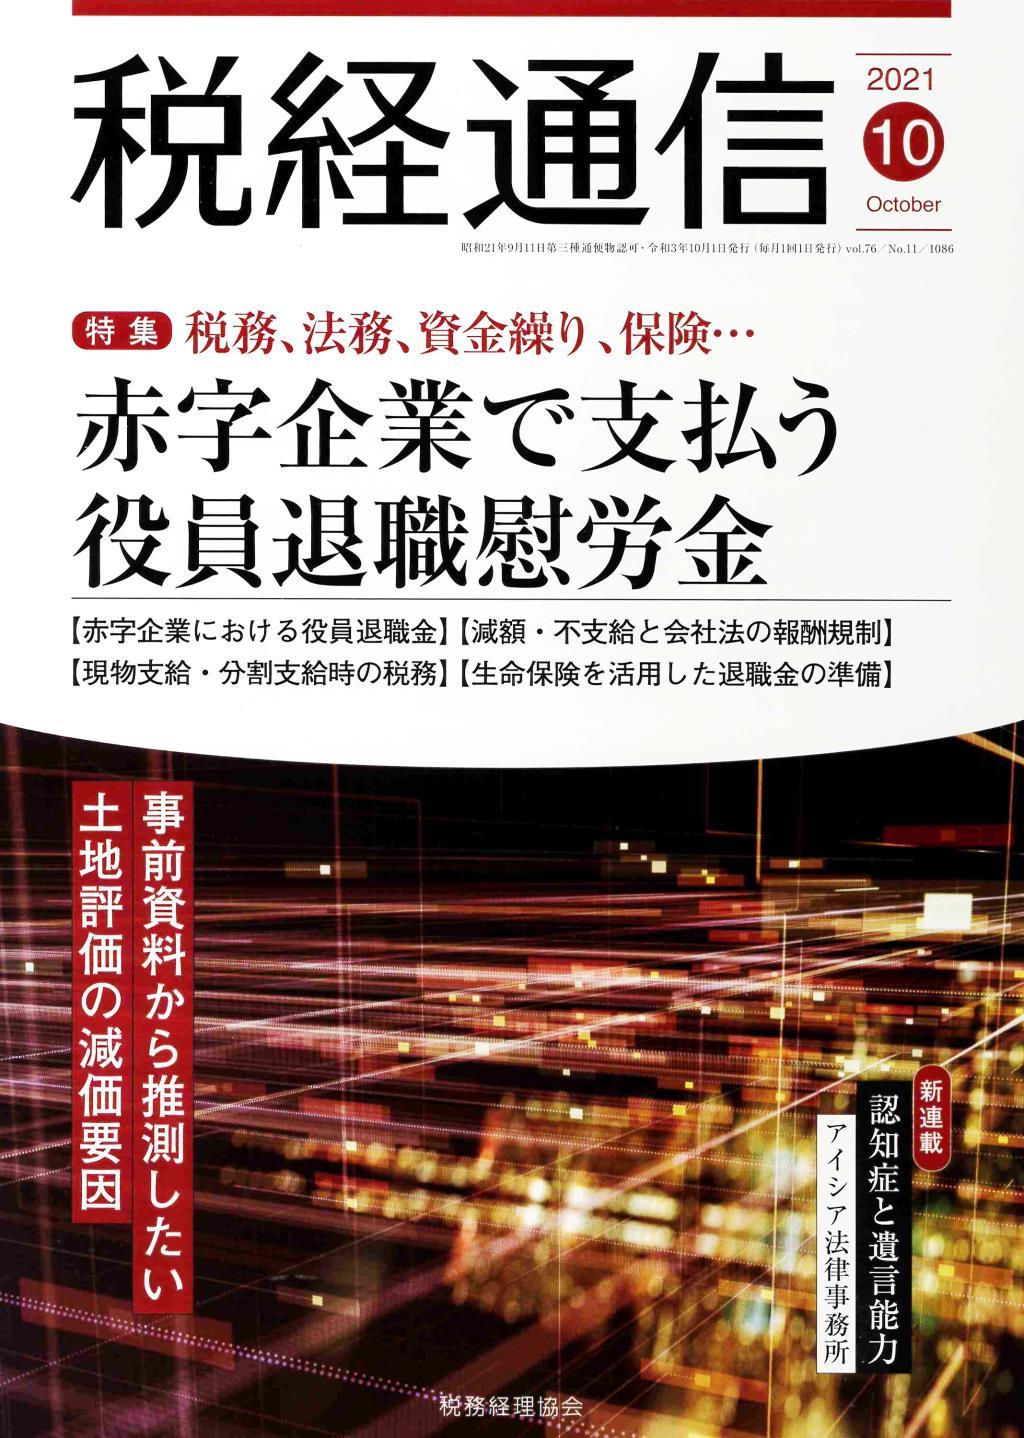 税経通信 VOL.76/No.10/1086/2021.10